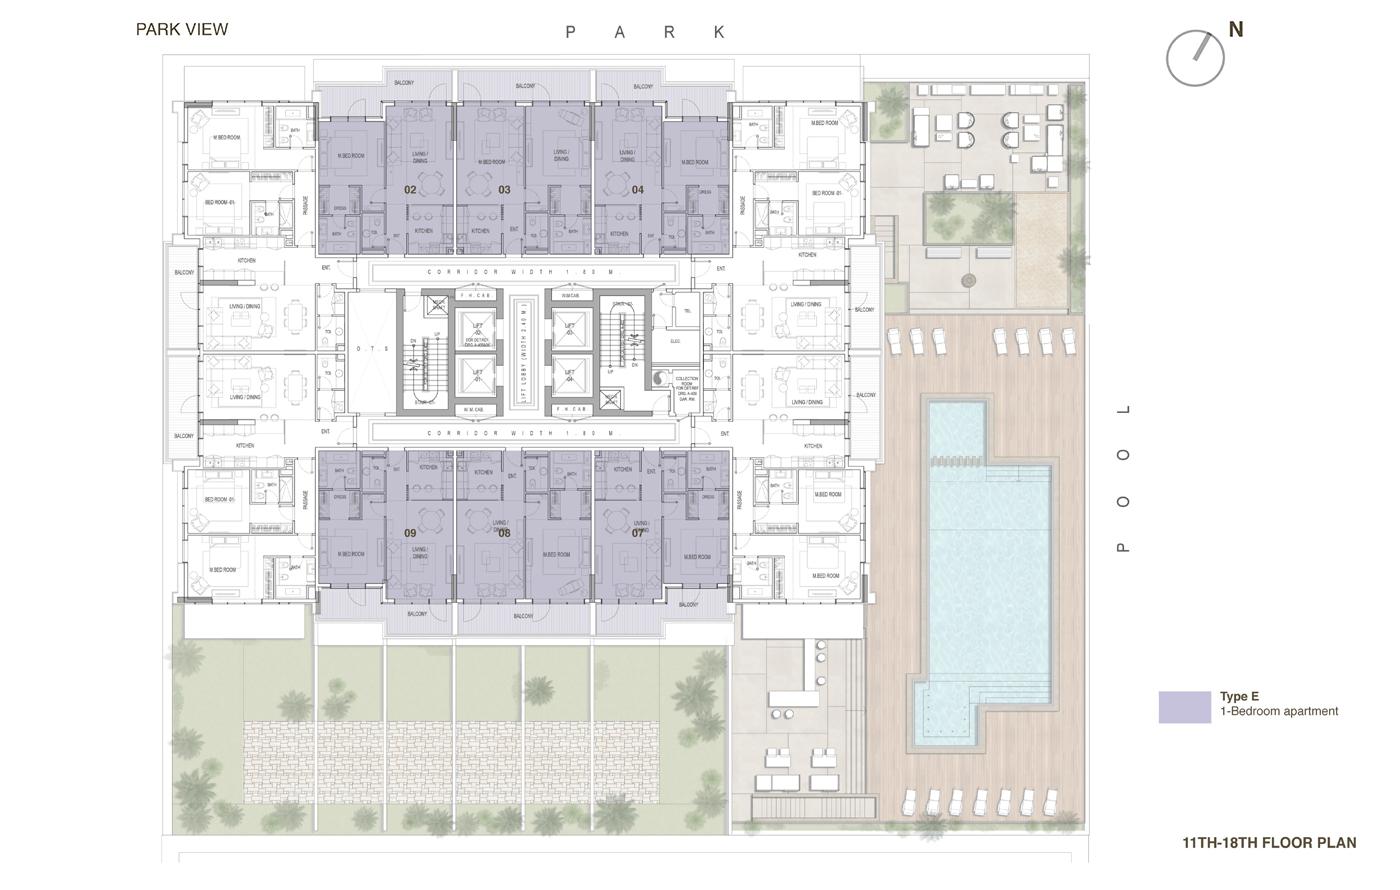 خطة الطوابق من الـ11 إلى الـ18 